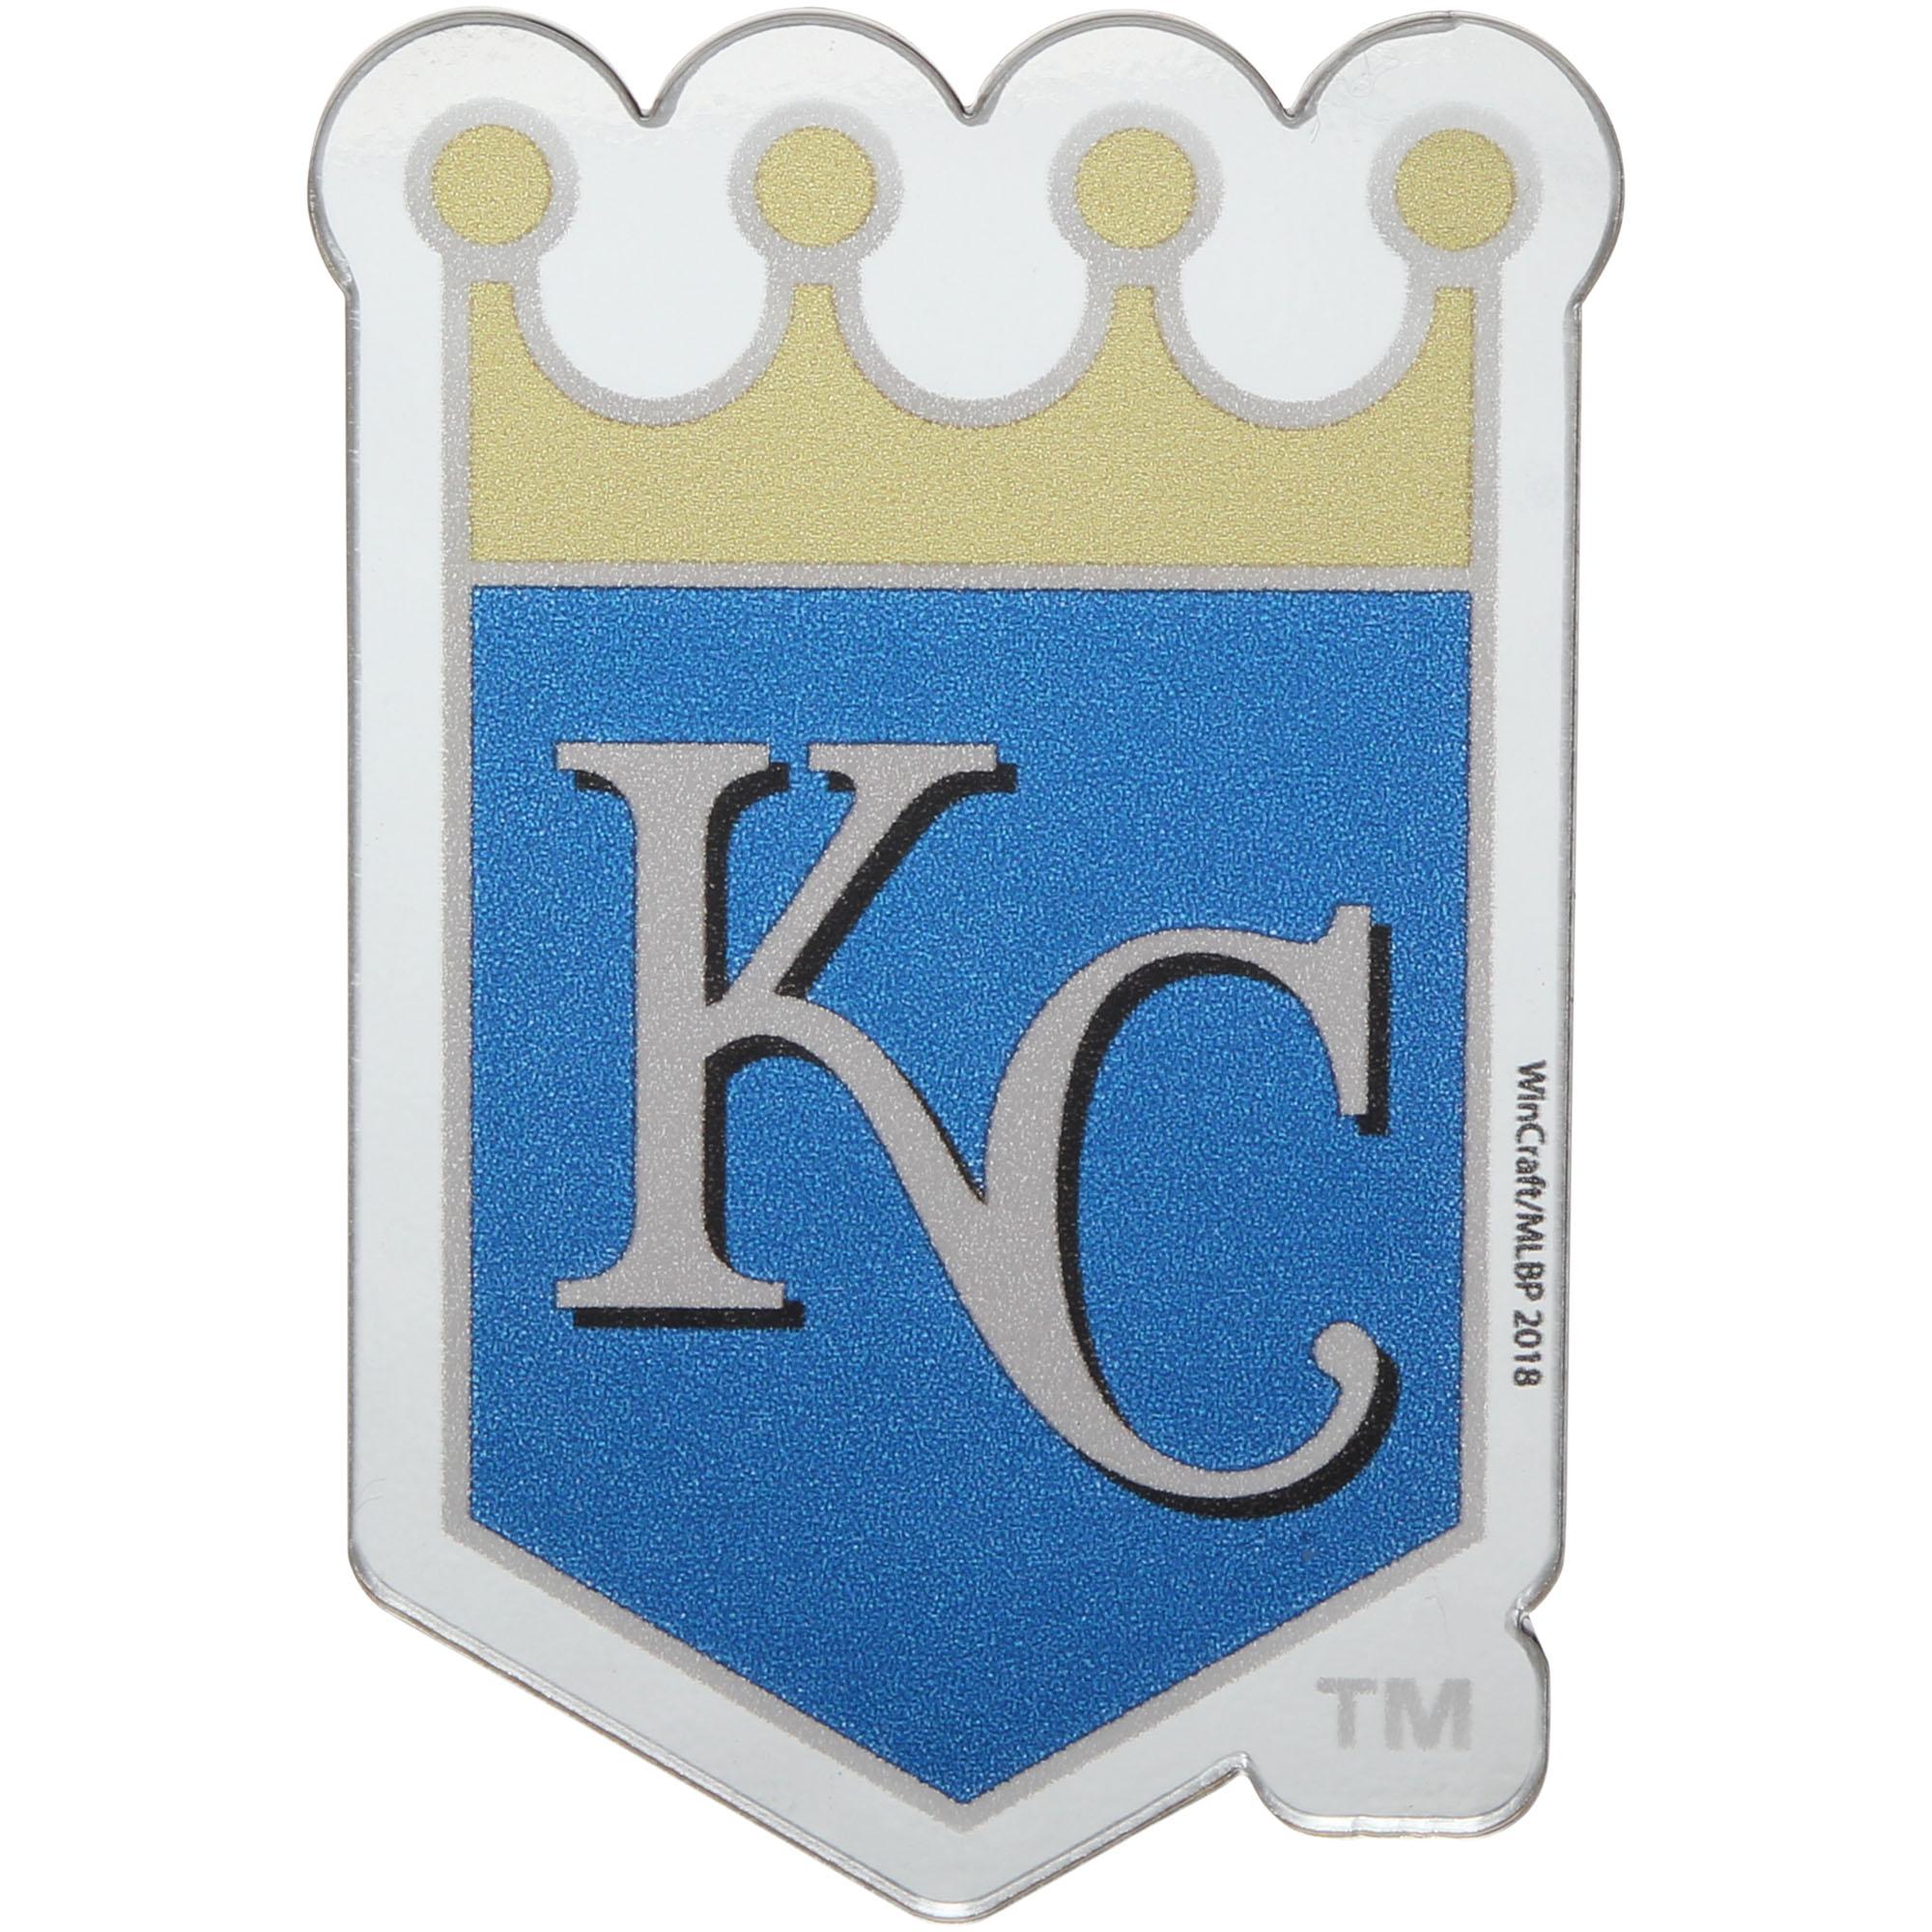 Kansas City Royals WinCraft Metallic Freeform Auto Emblem - No Size